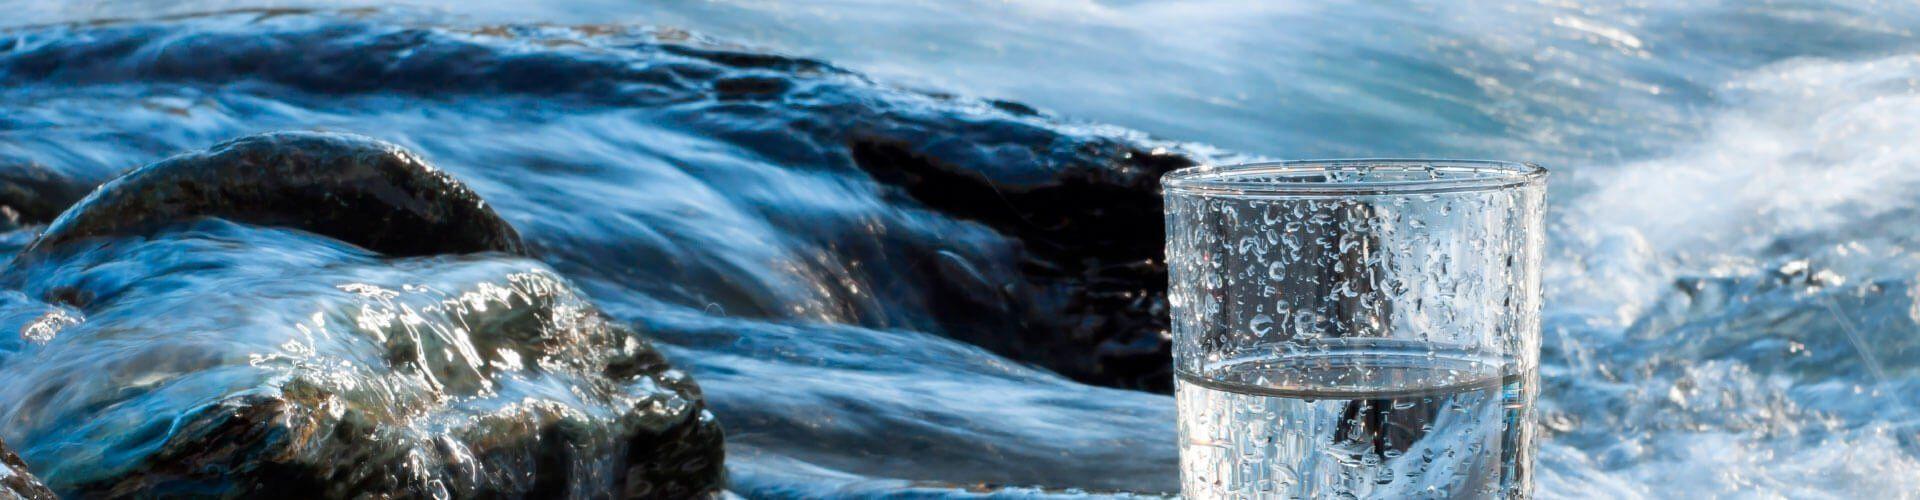 Oxidation und Lochfraß